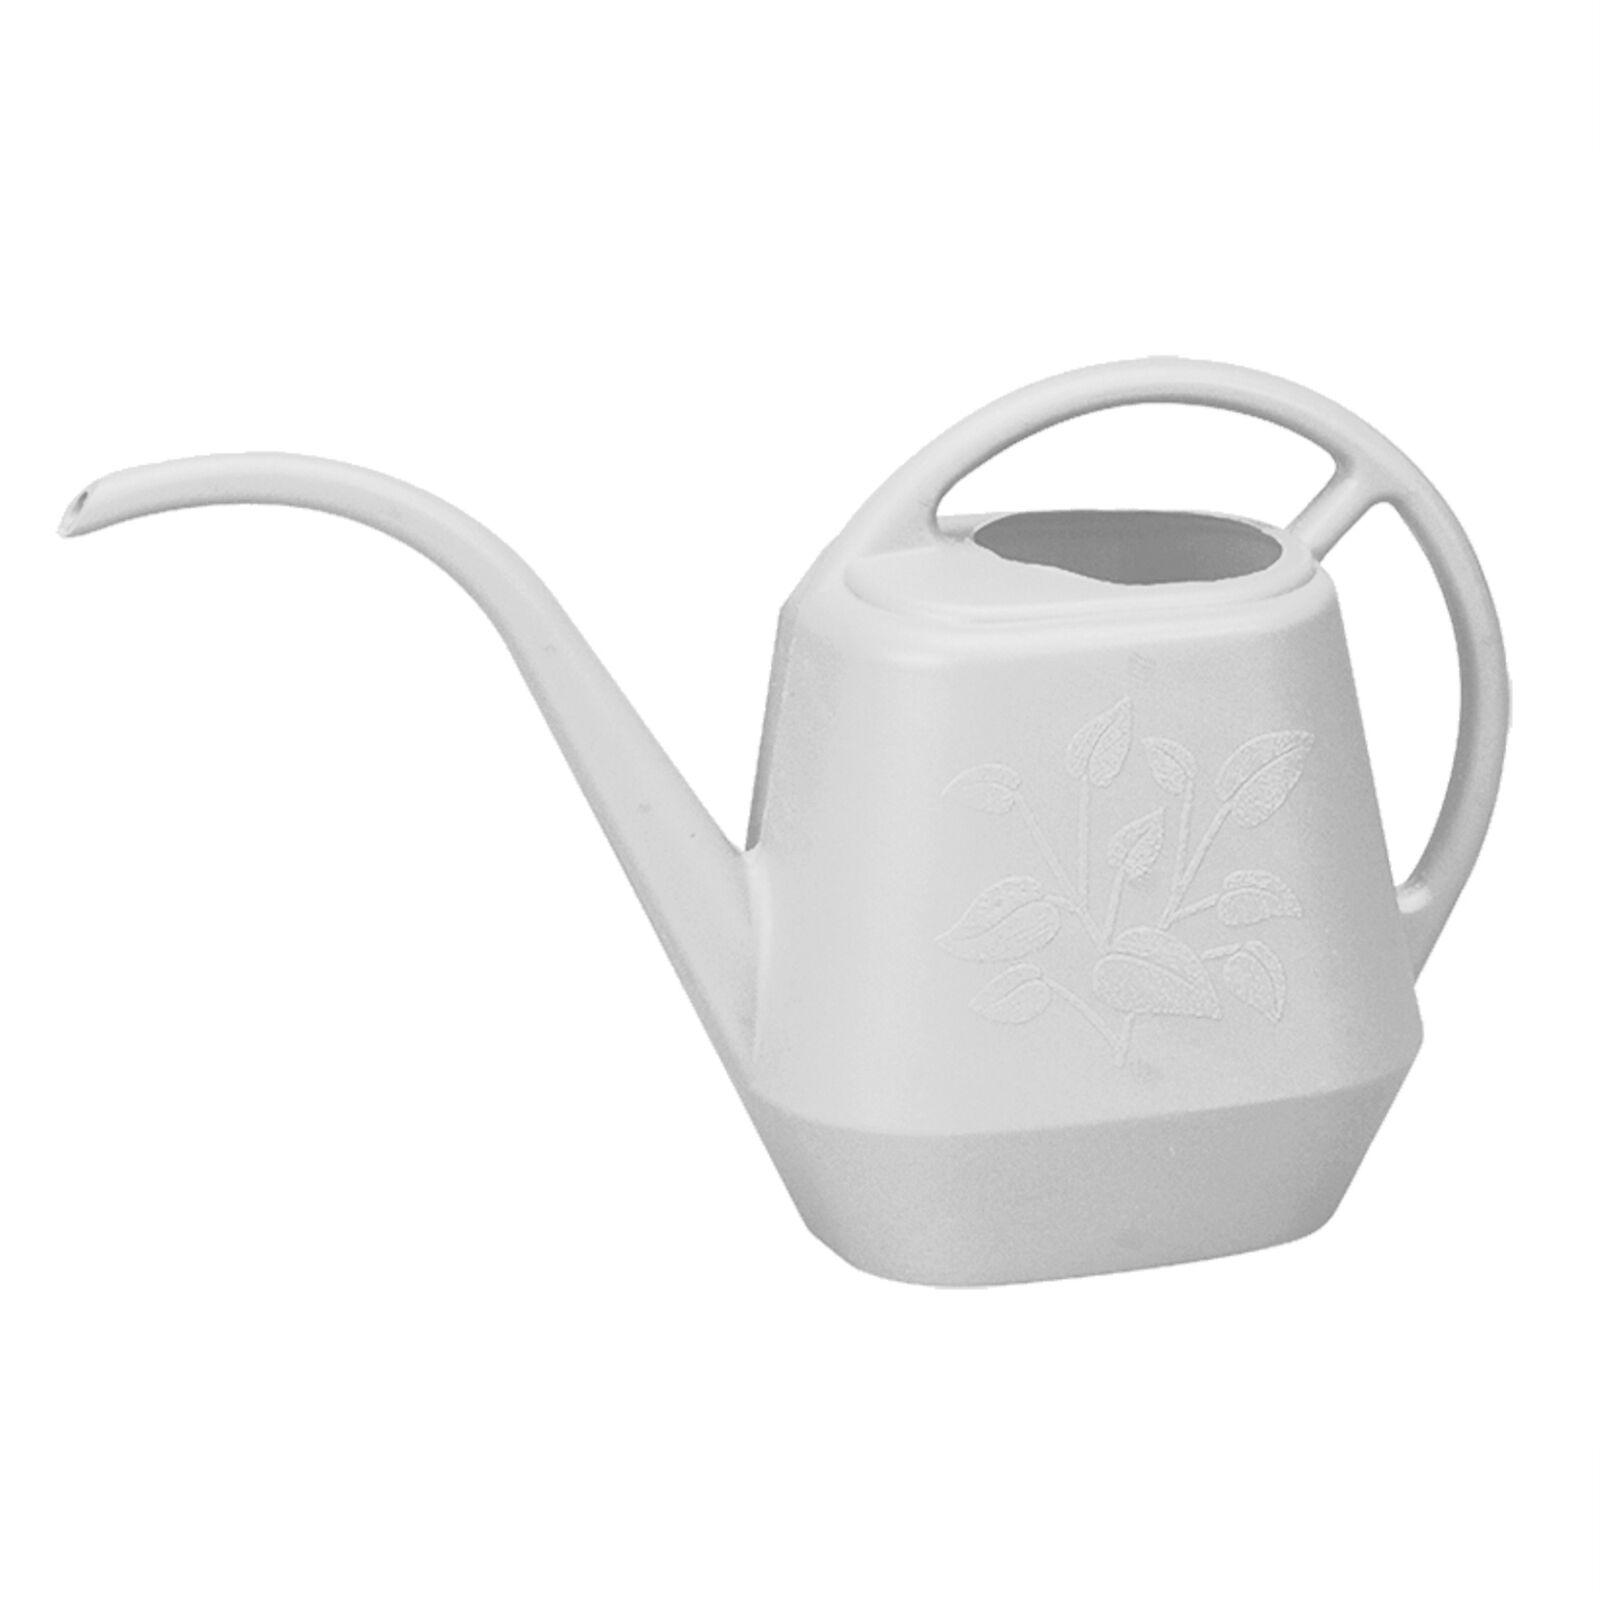 Bloem Watering Can Aqua Rite 1.2 Gal. (144 oz) Casper White